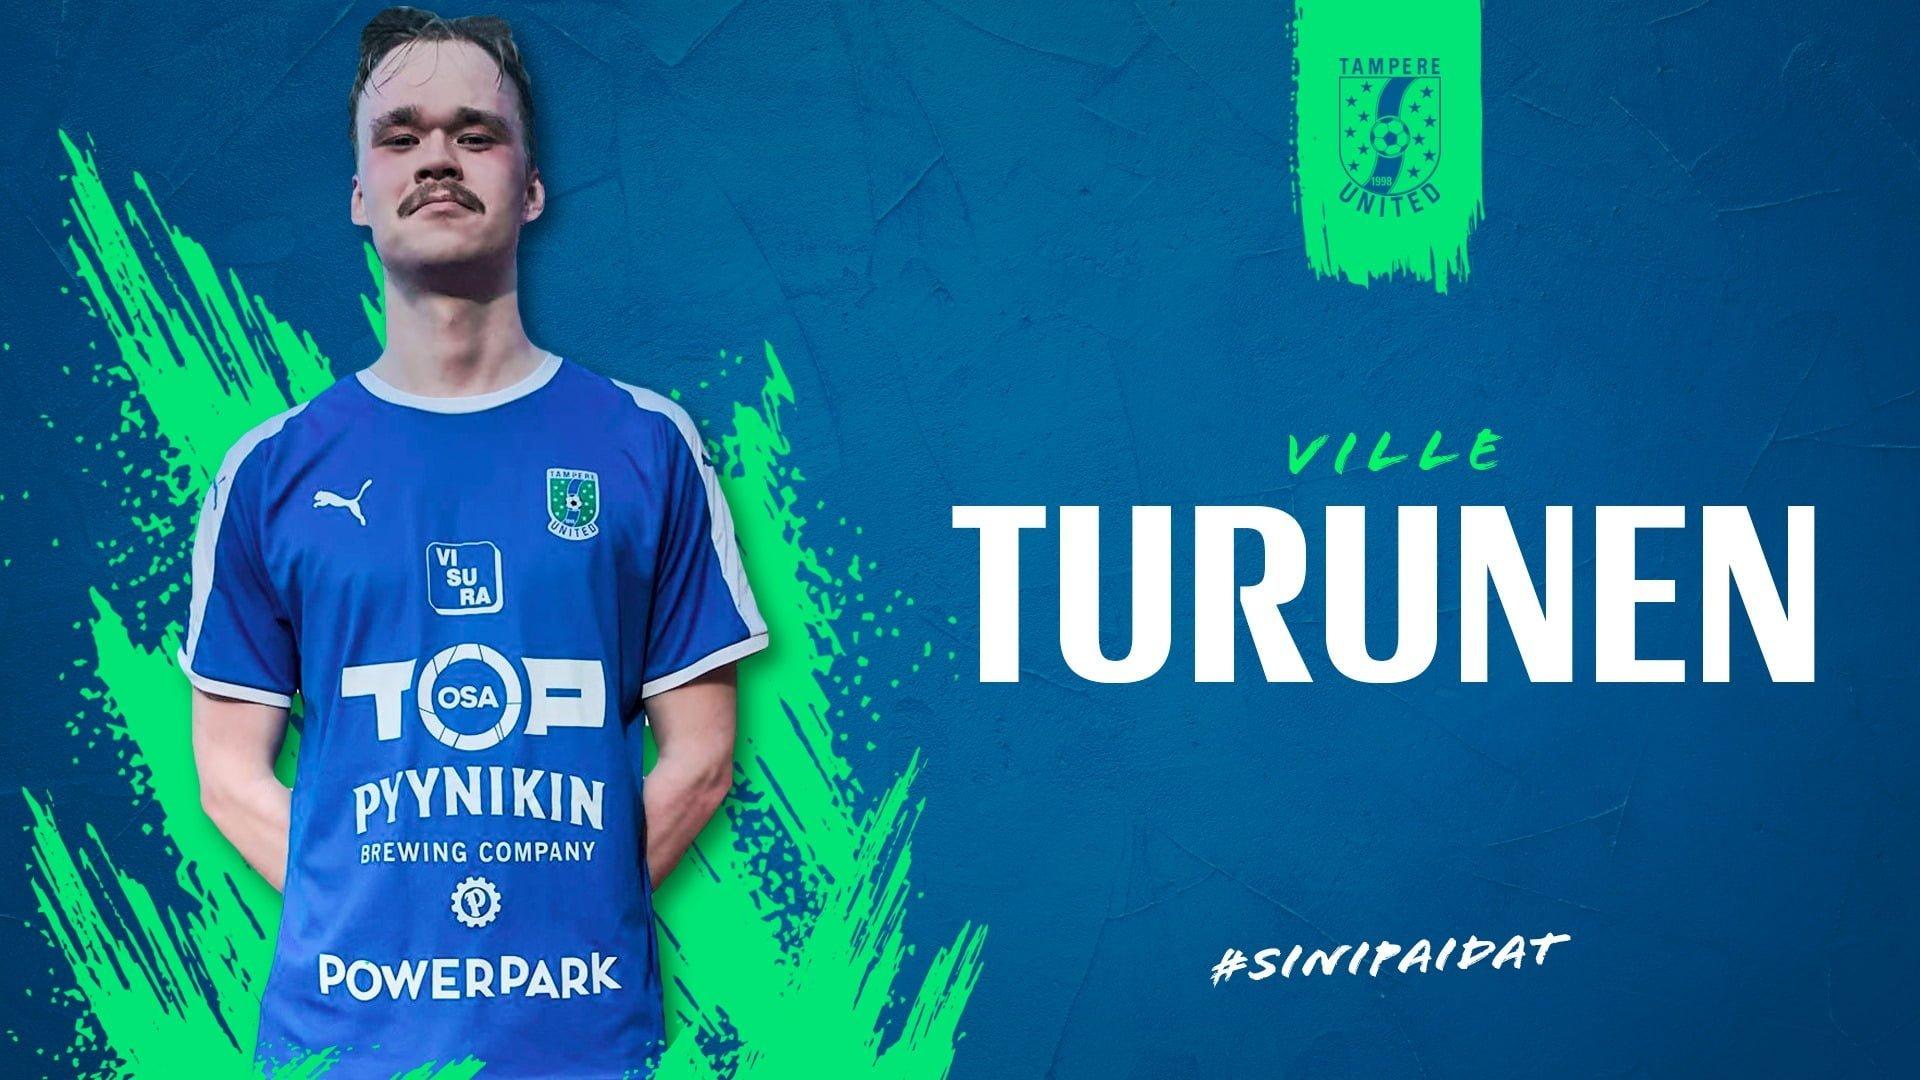 Ison potentiaalin Ville Turunen tuo vaihtoehdon Unitedin keskustaan -uutiskuva